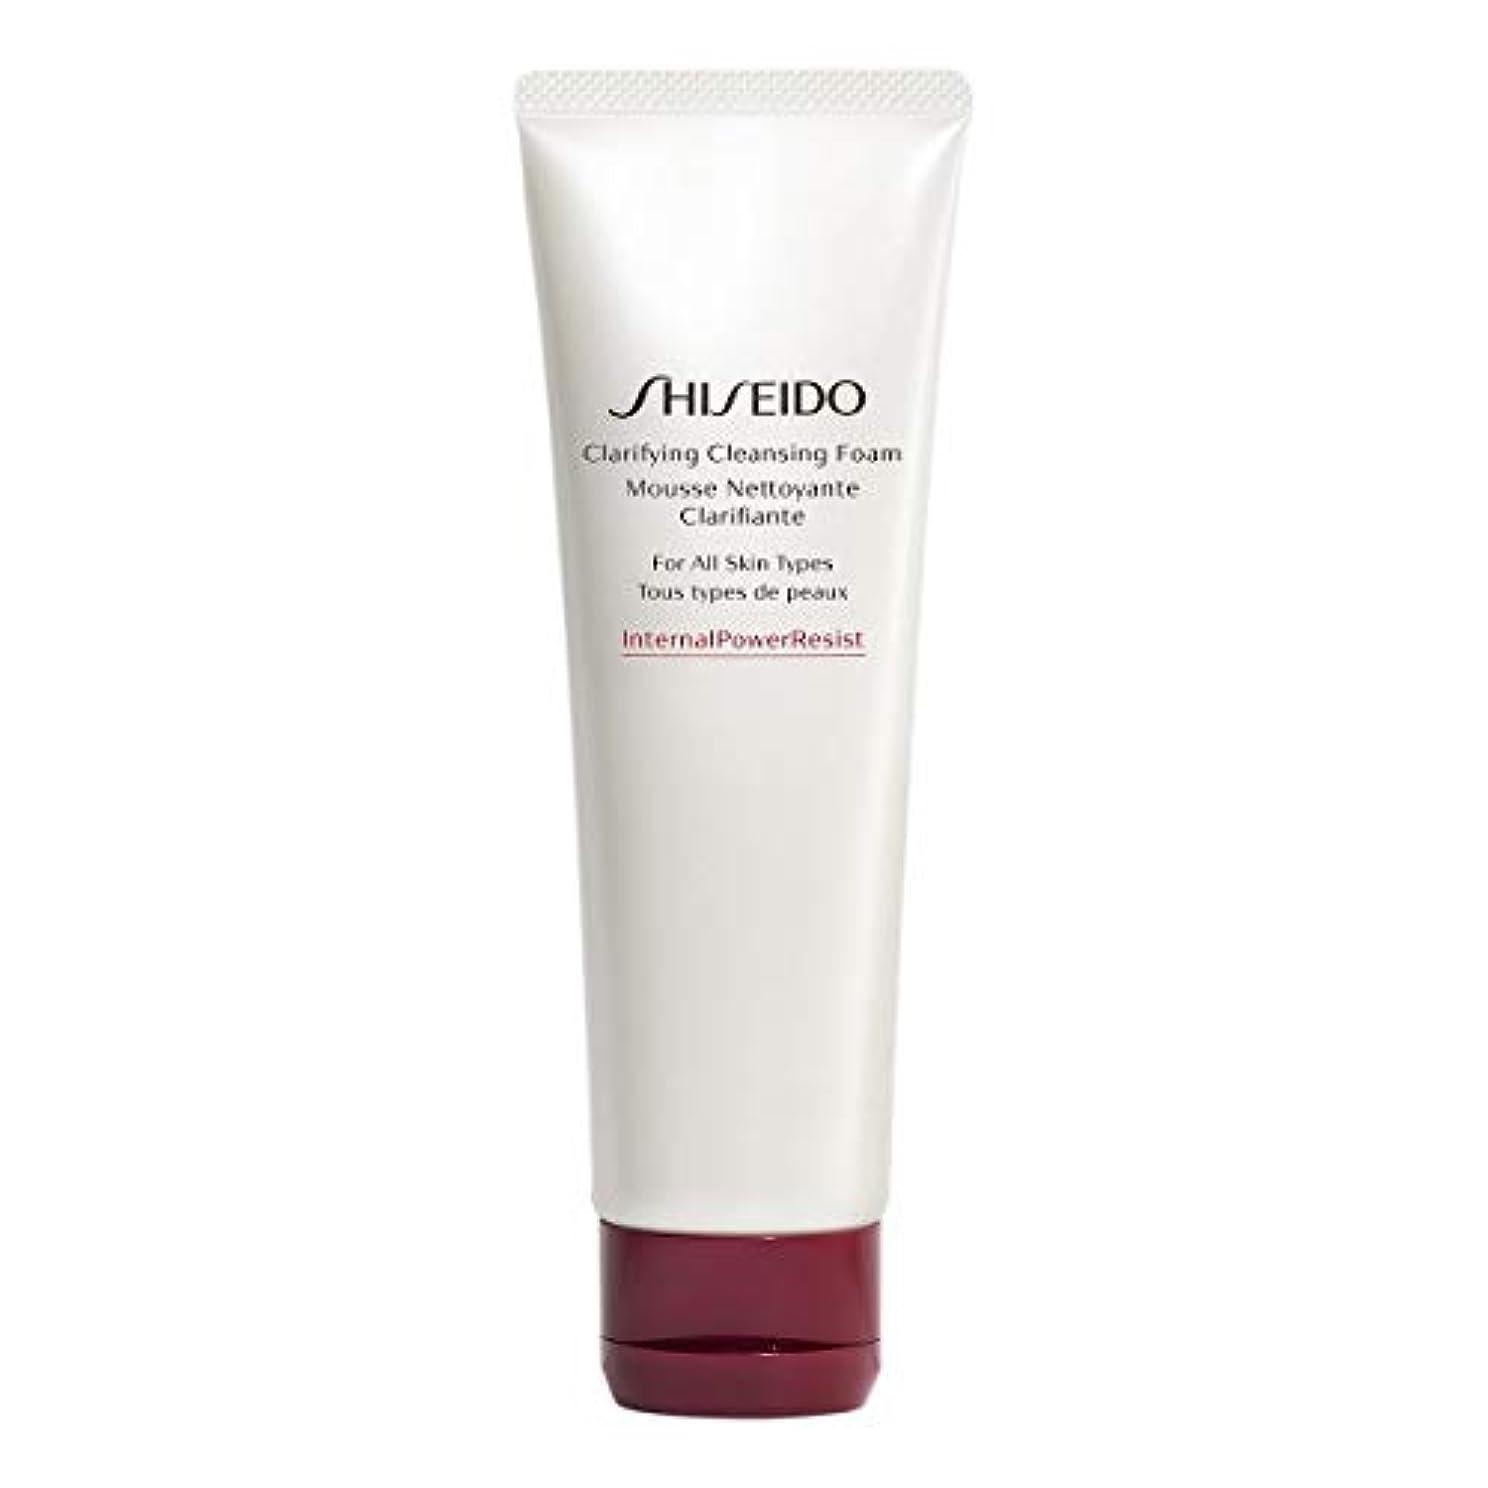 バラエティ無謀送る資生堂 Defend Beauty Clarifying Cleansing Foam 125ml/4.6oz並行輸入品